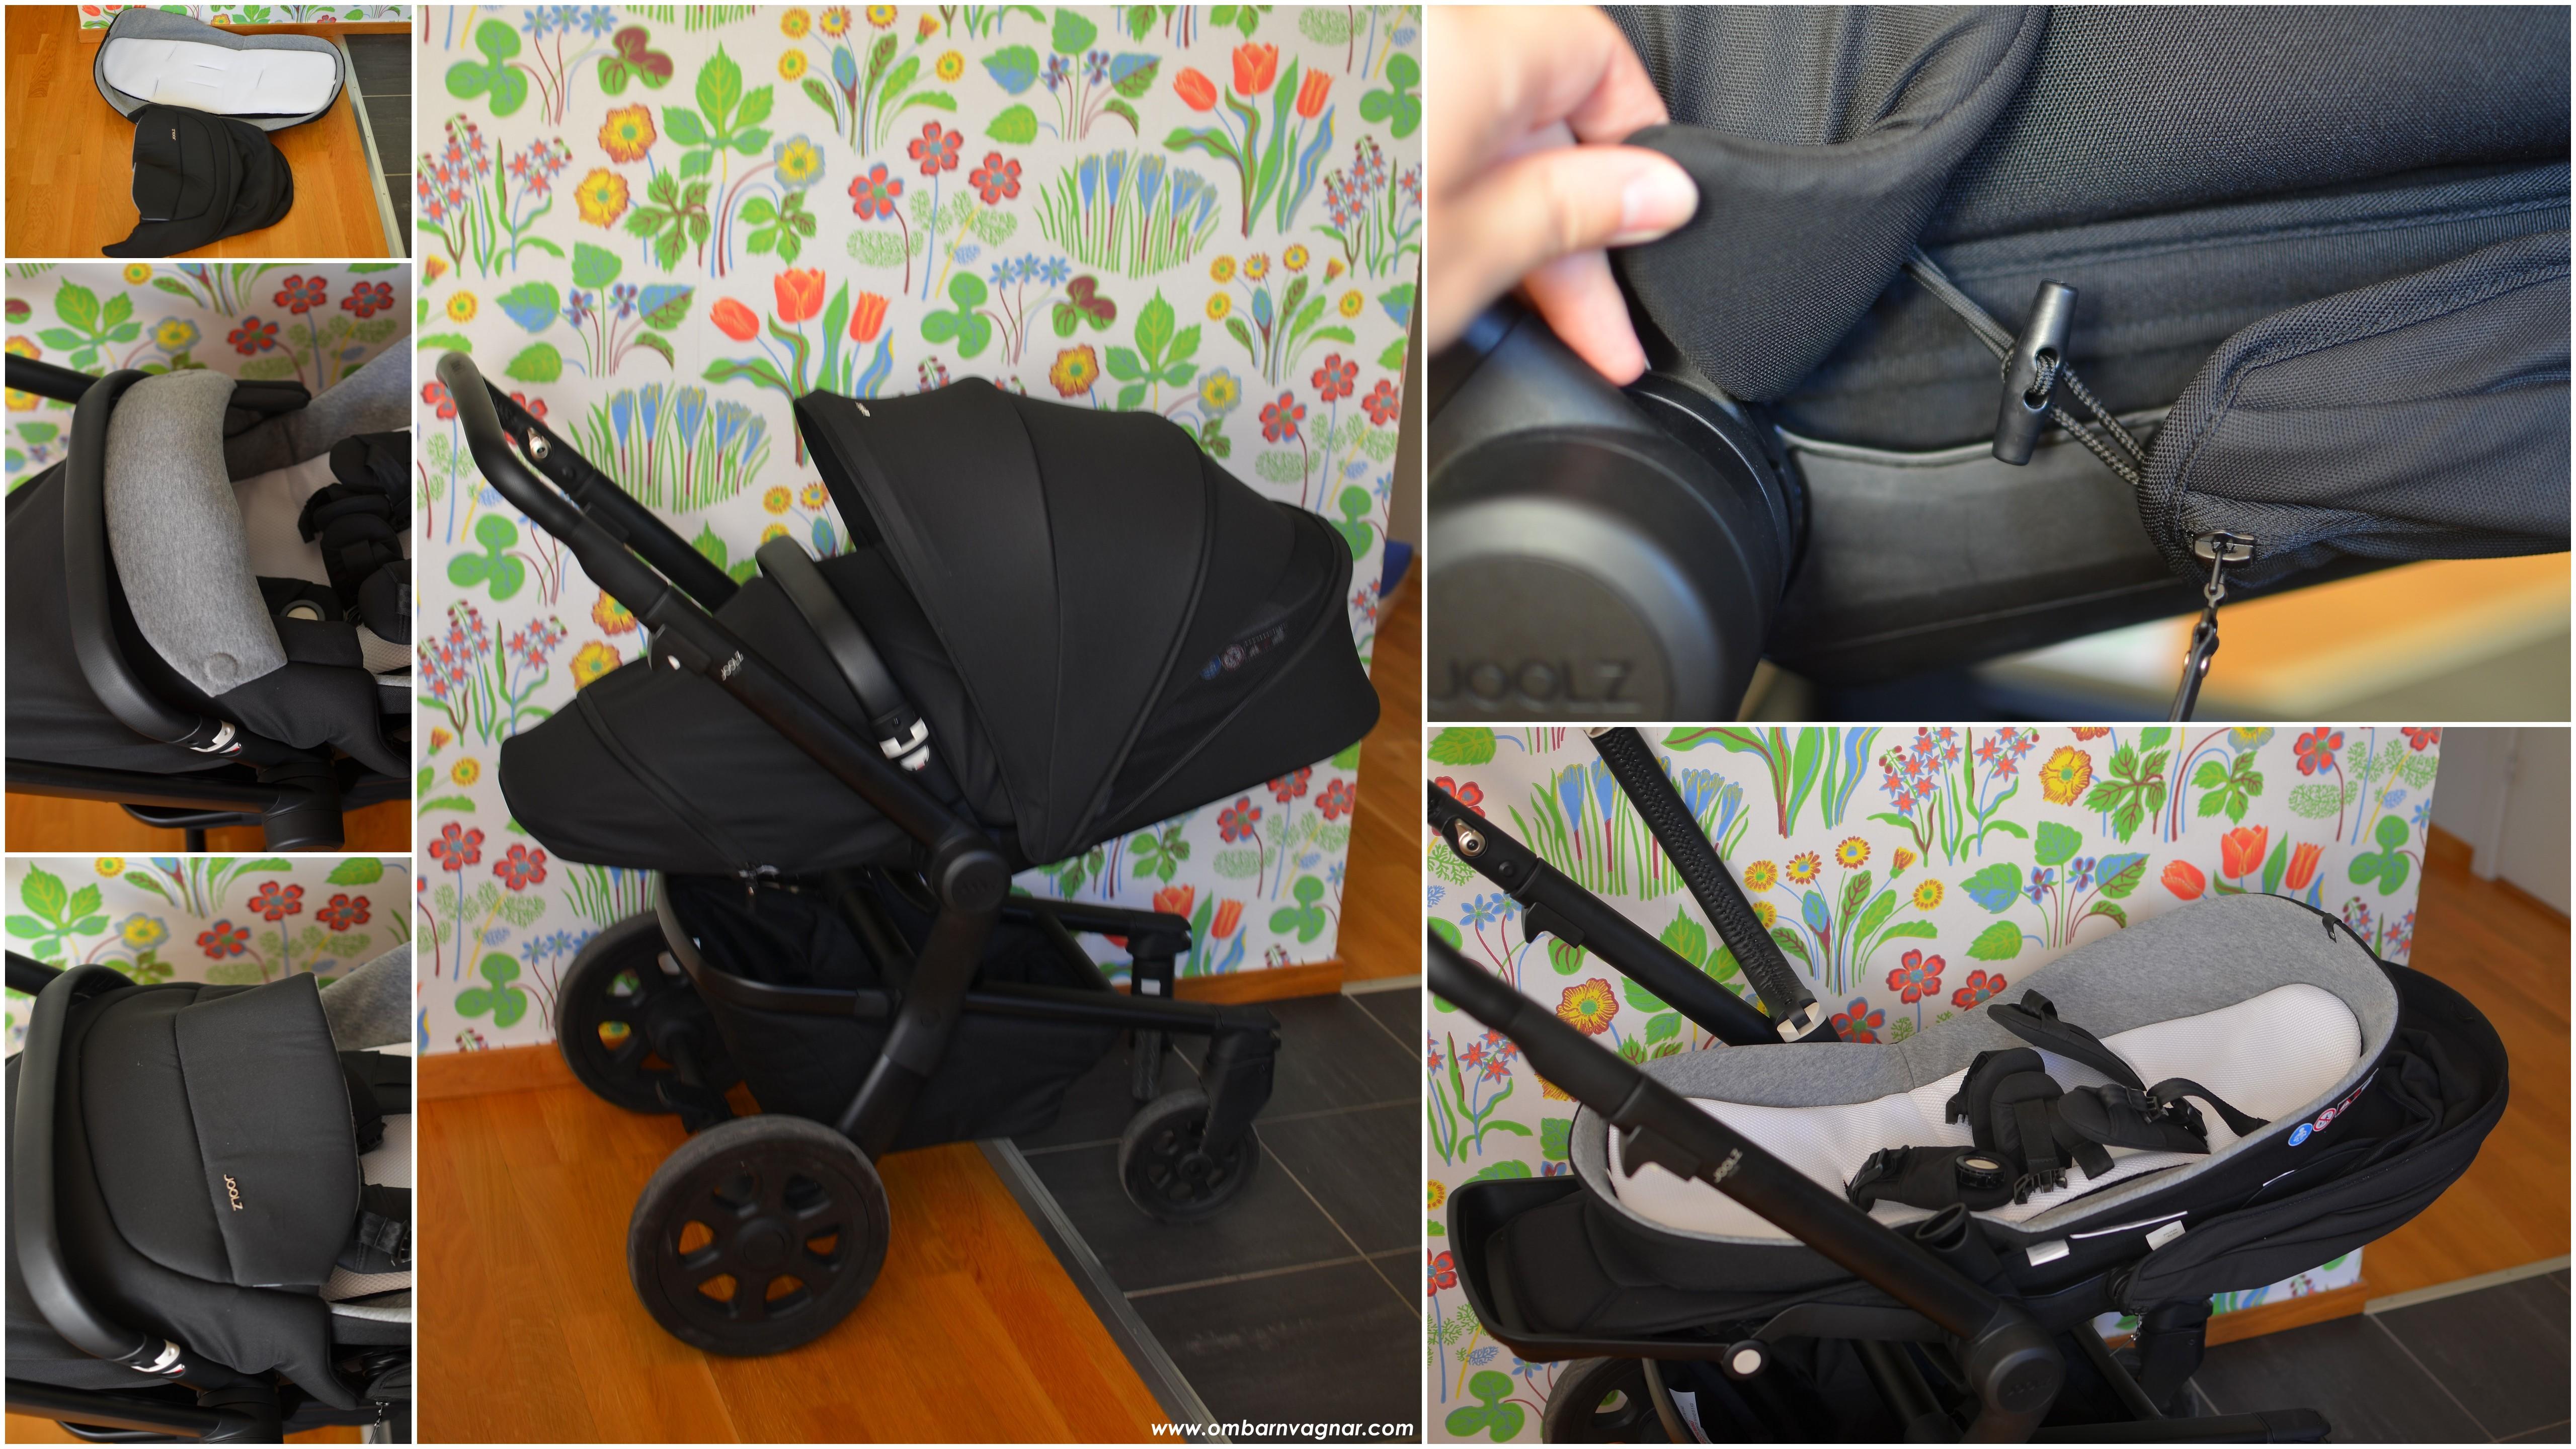 Joolz Hub med Cocoon för nyfödd i sittdelen